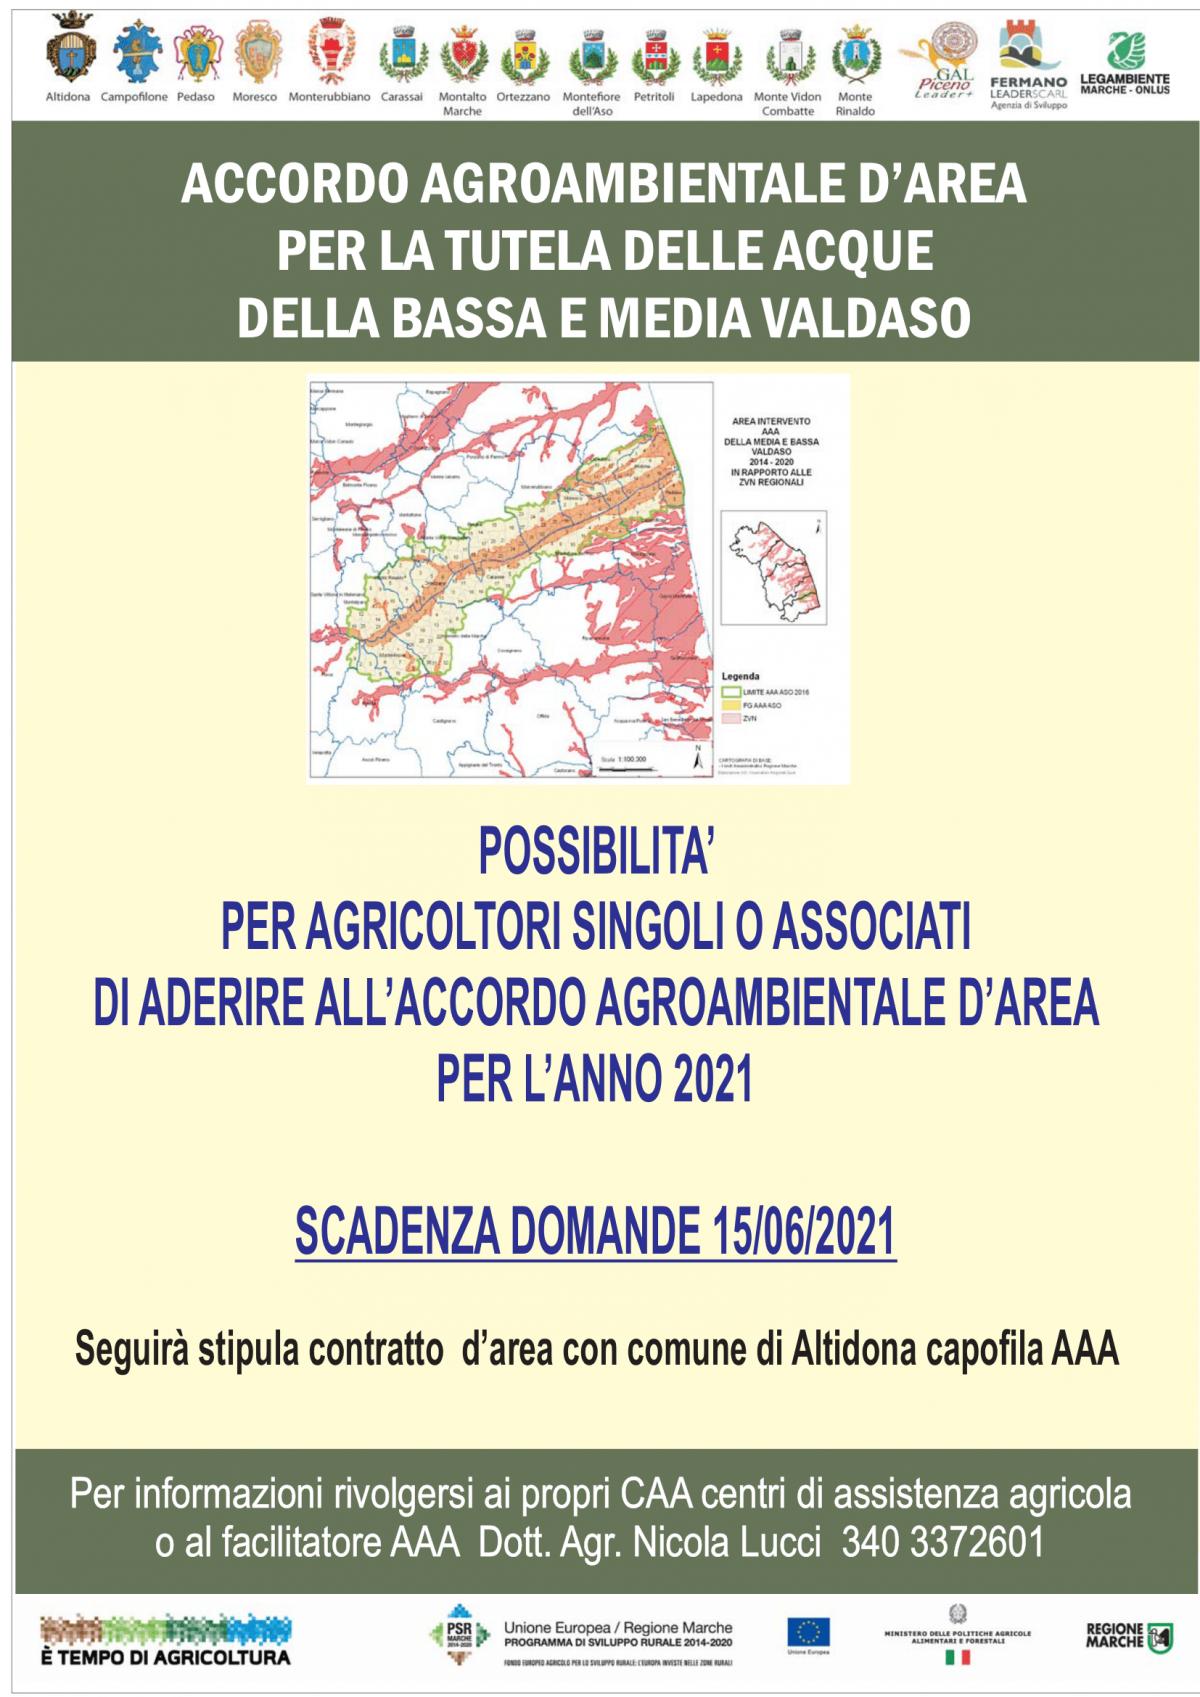 locandina per nuove adesioni AAA agricoltori-1